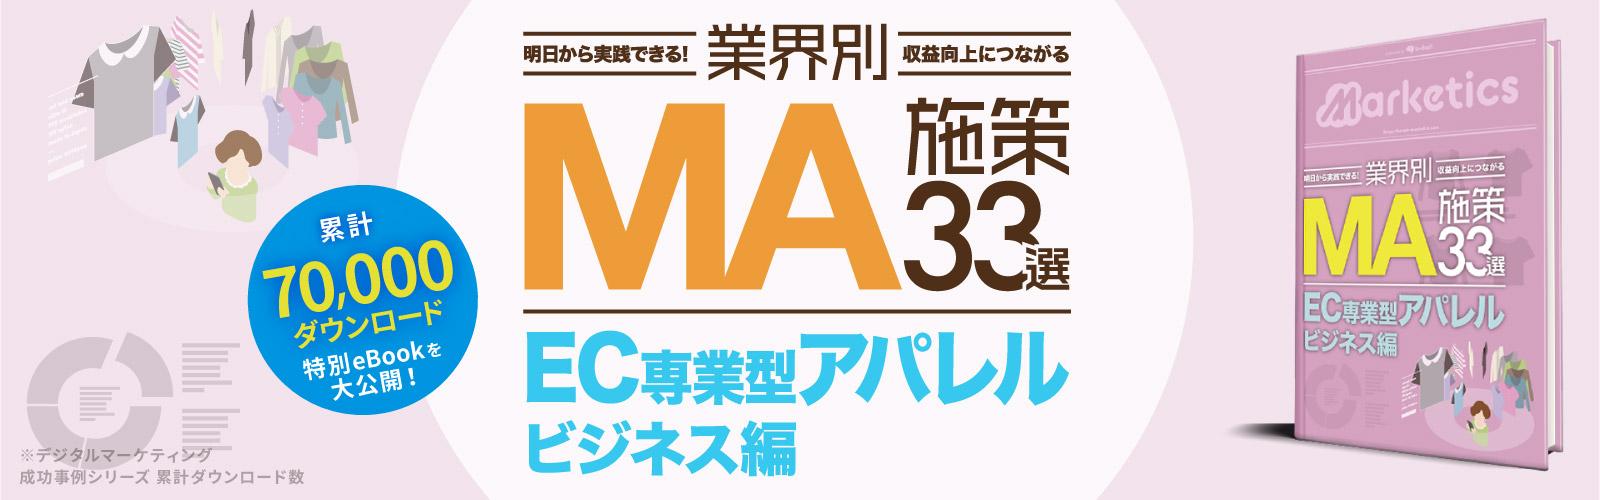 業界別MA施策33選<br /> 「EC専業型アパレル編」